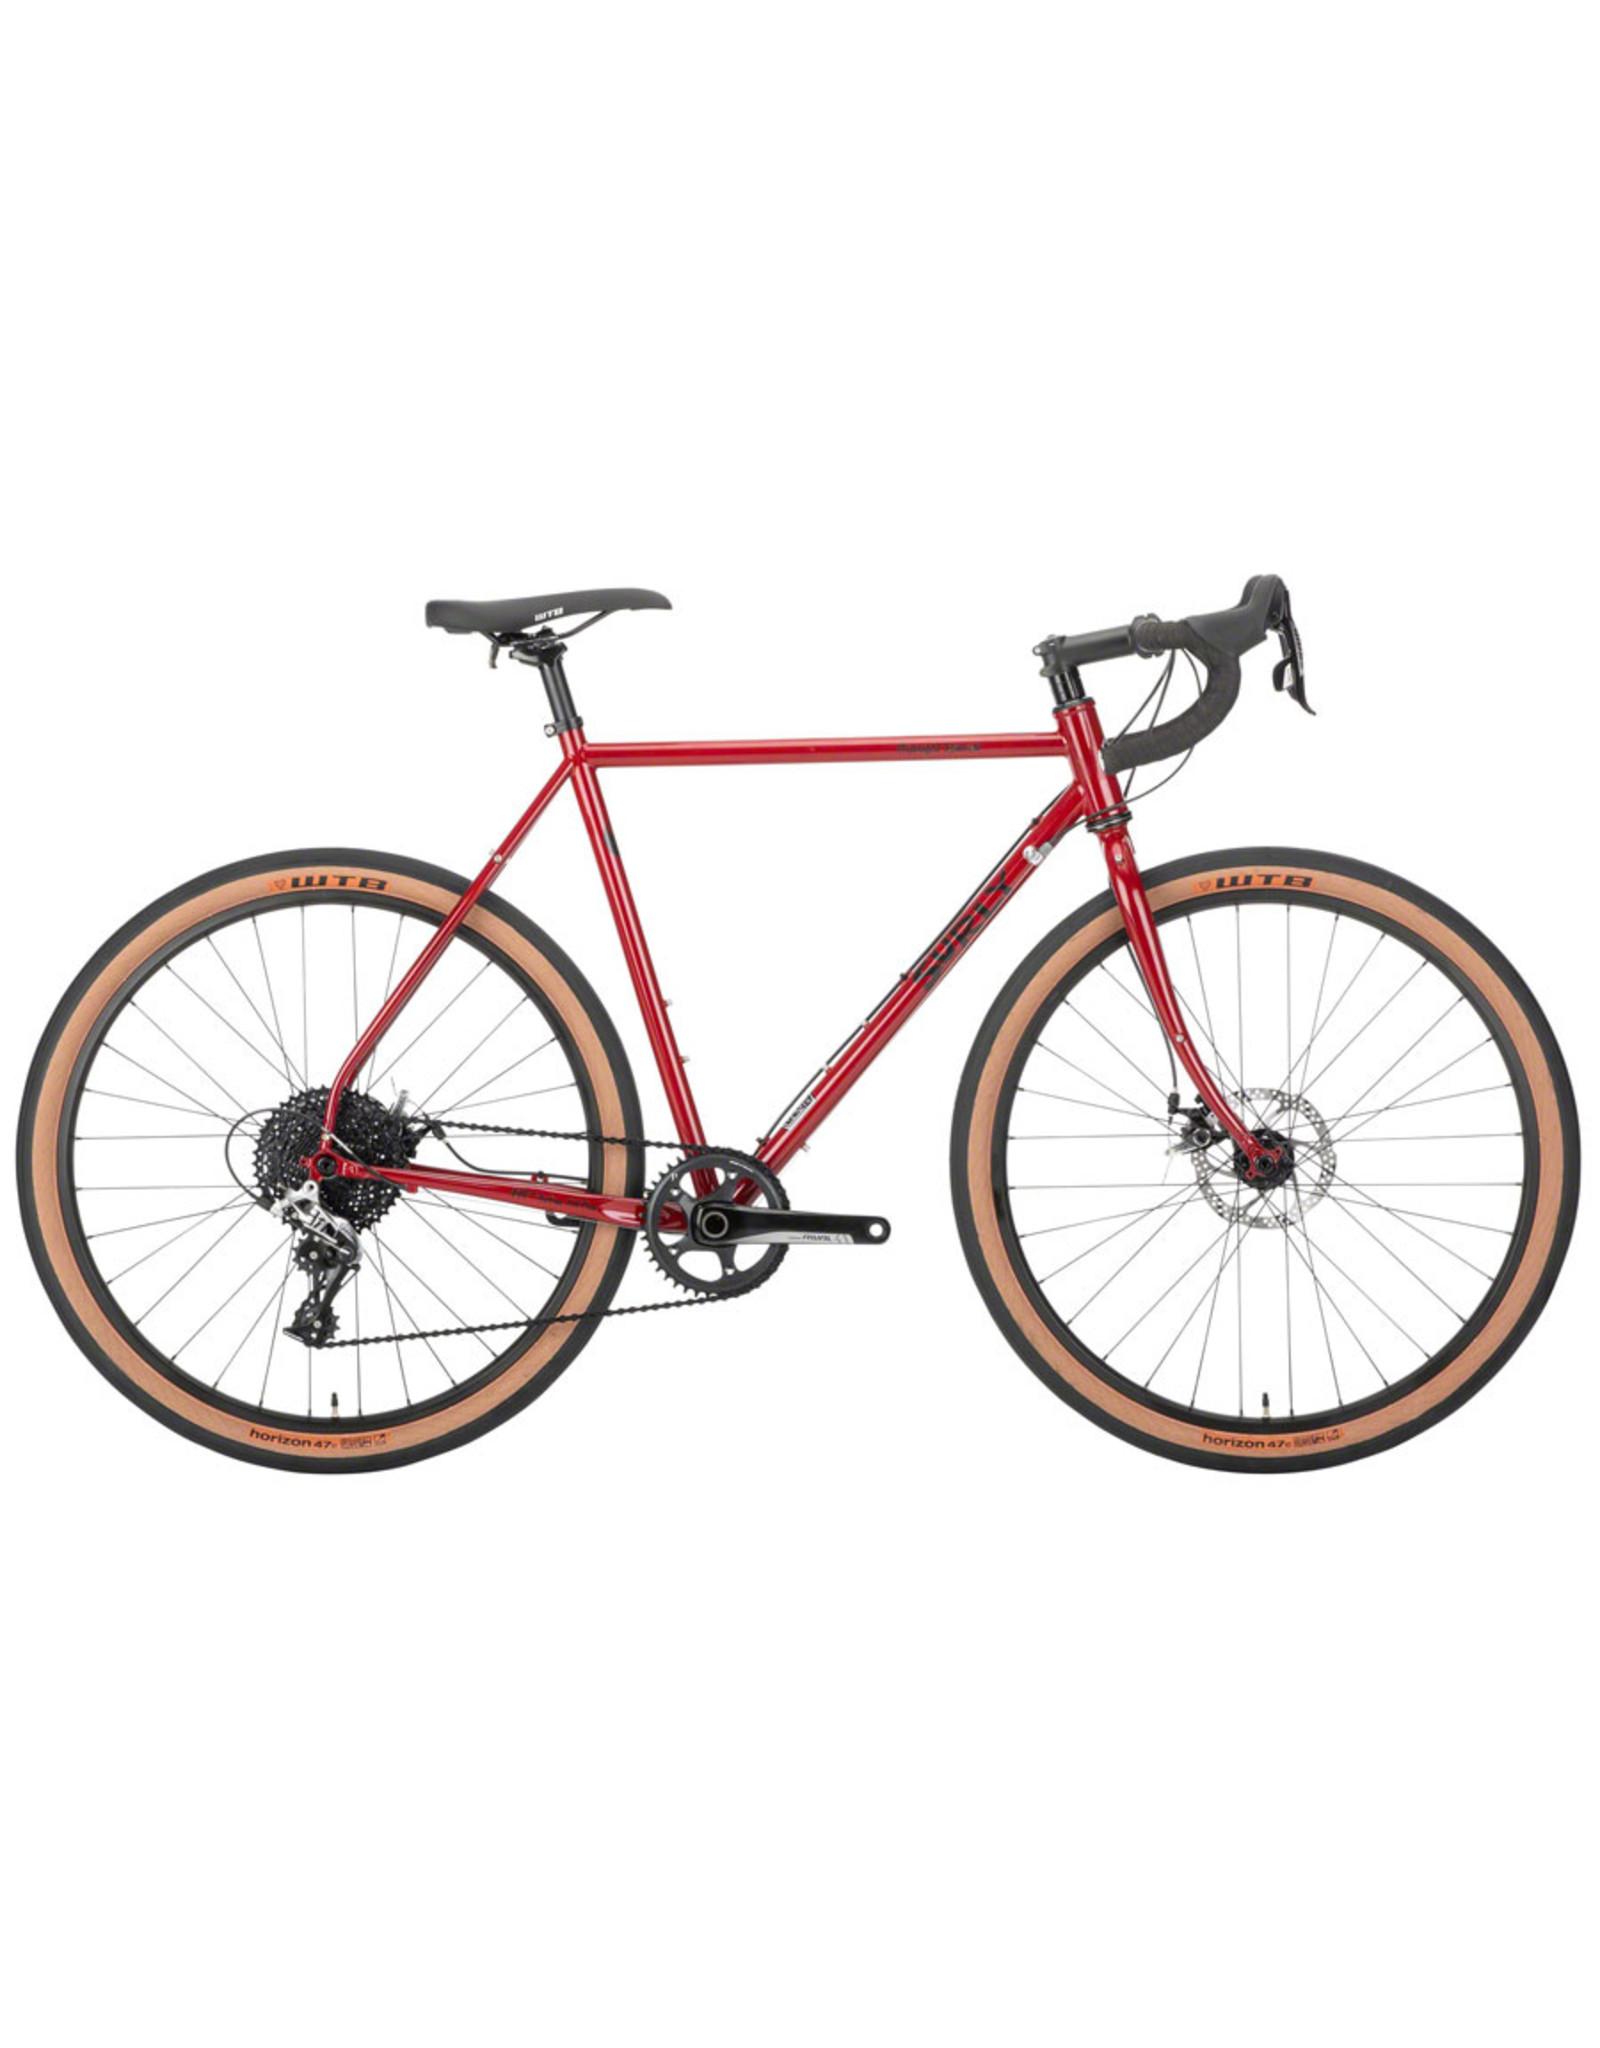 Surly Surly Midnight Special Bike - Steel, 650b